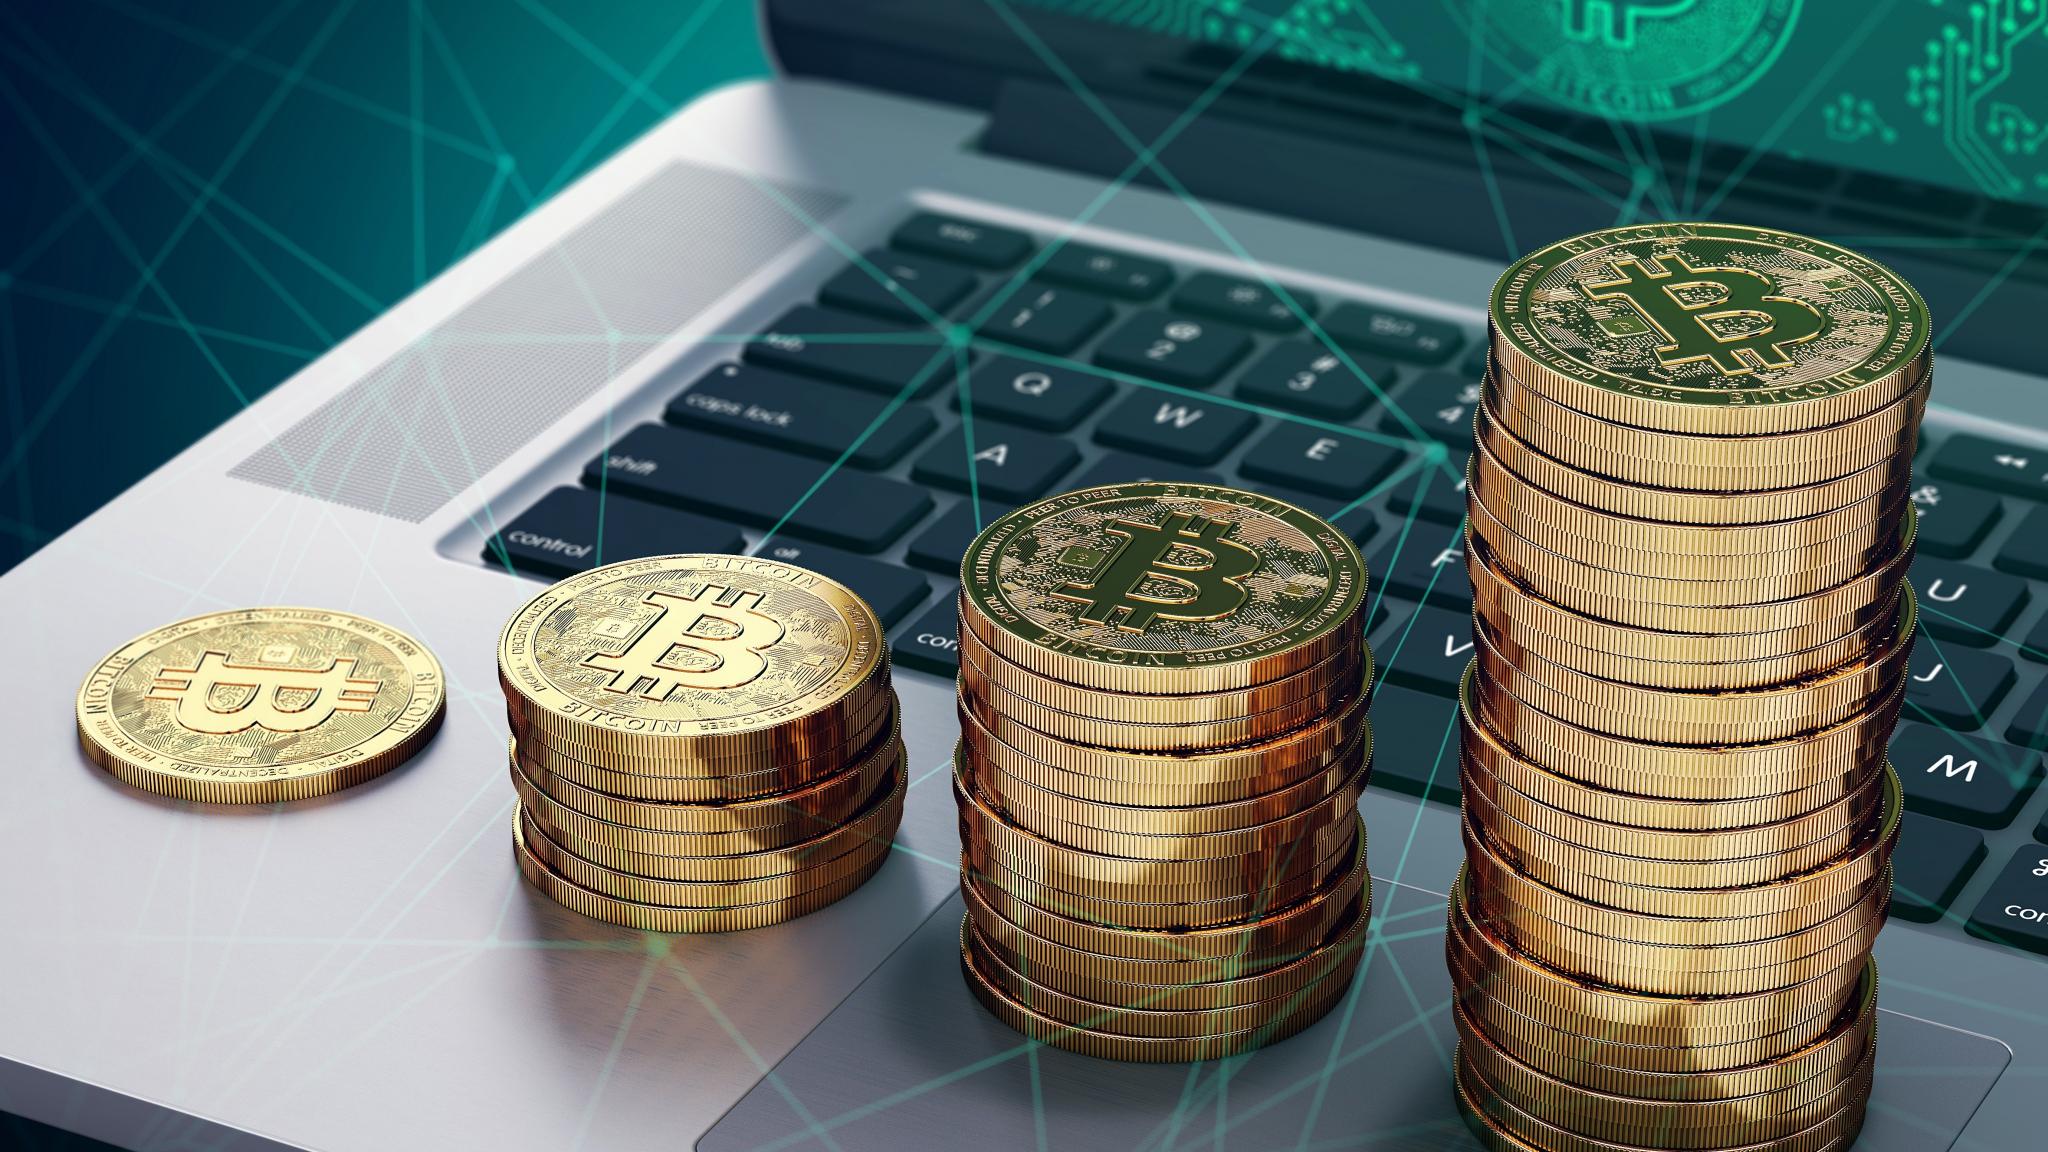 Crypto coins, Bitcoin, tech, 2048x1152 wallpaper